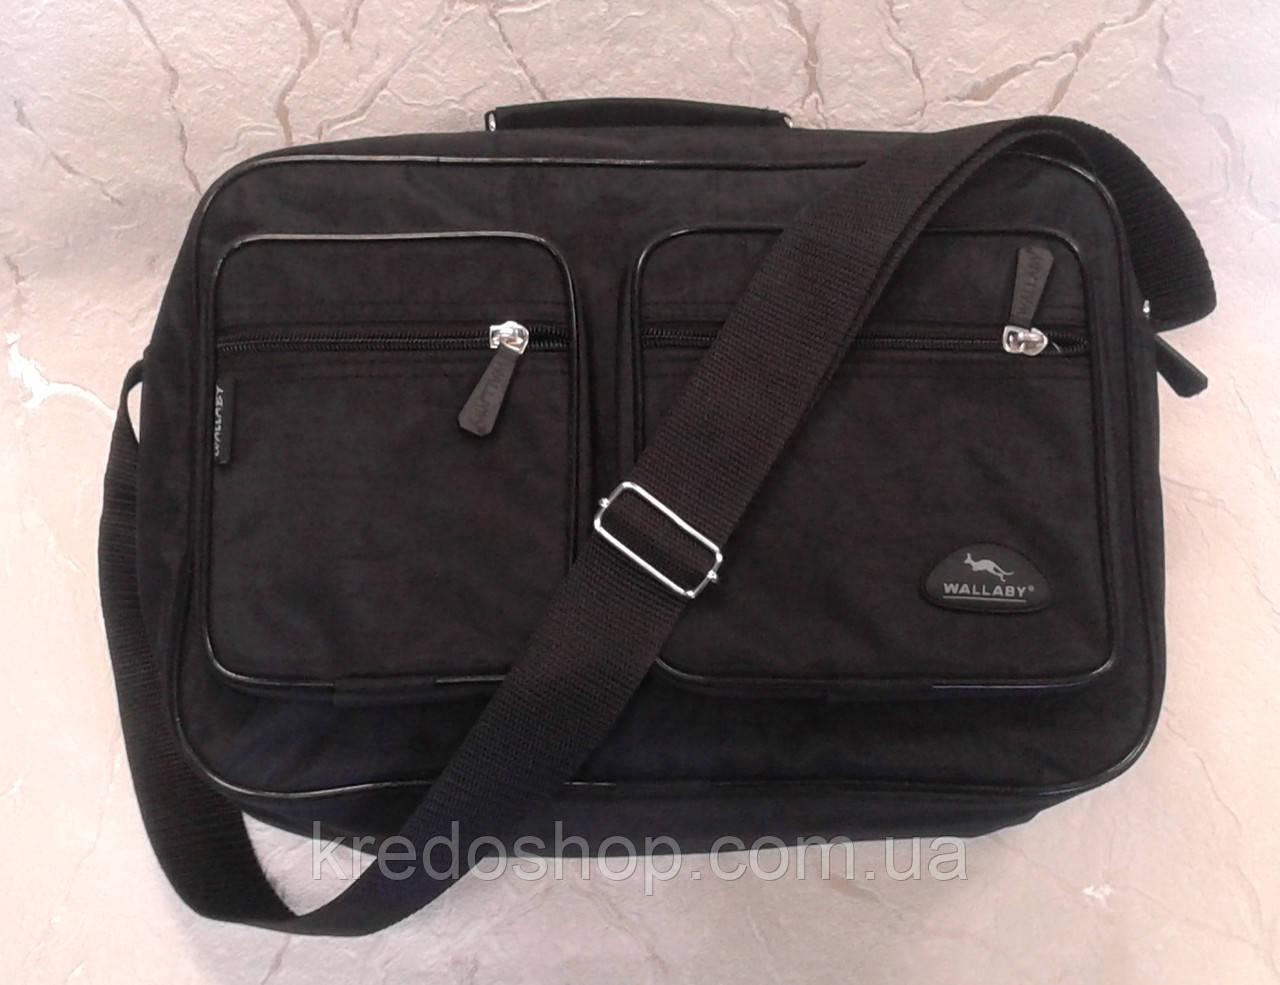 0708c7653f99 Сумка мужская черная из прочного материала (Украина) - Интернет-магазин  сумок и аксессуаров